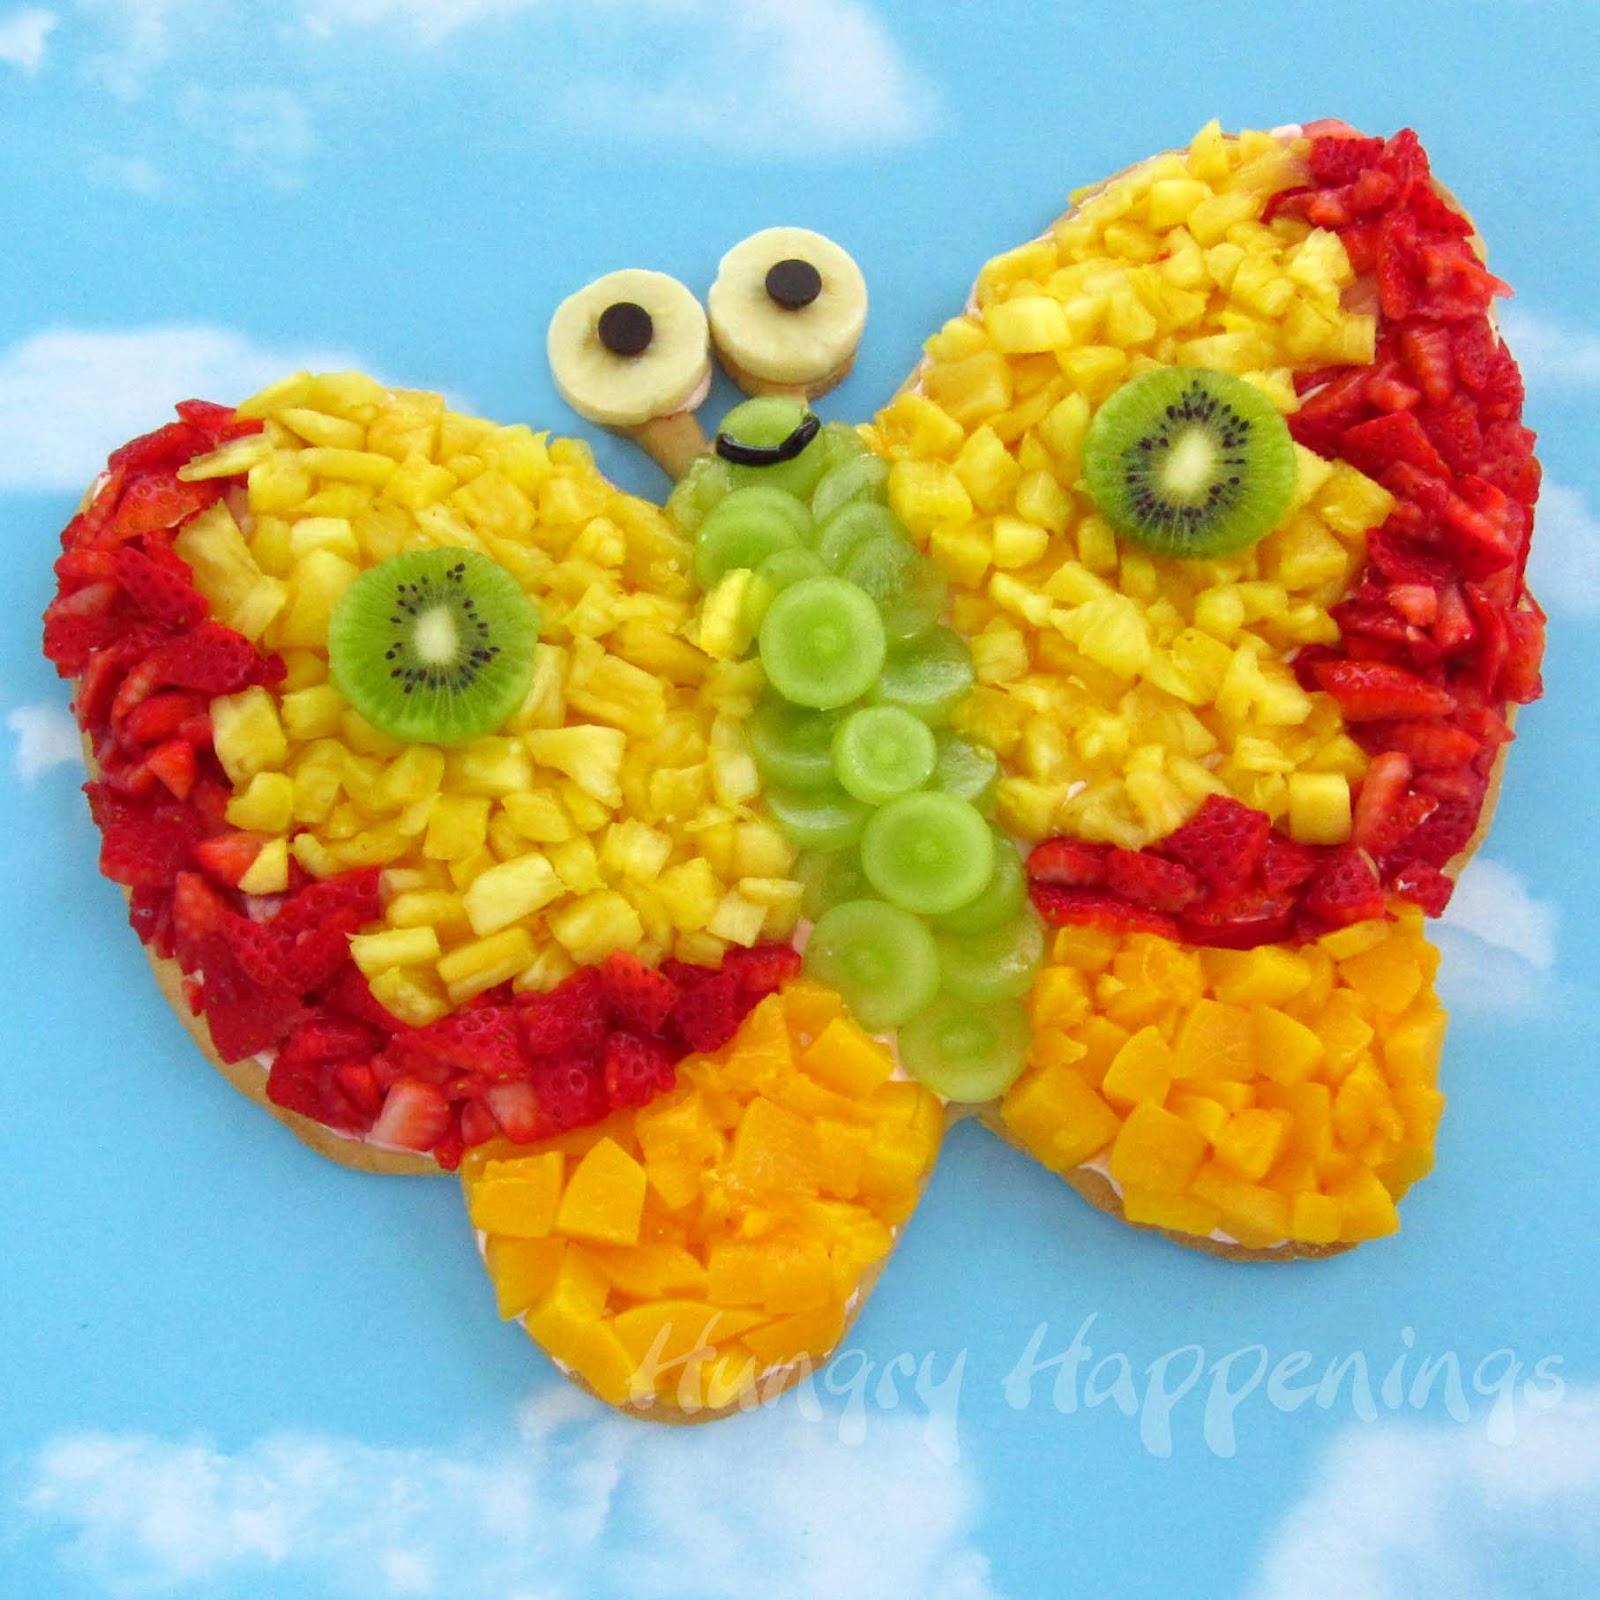 Бабочки своими руками из фруктов и